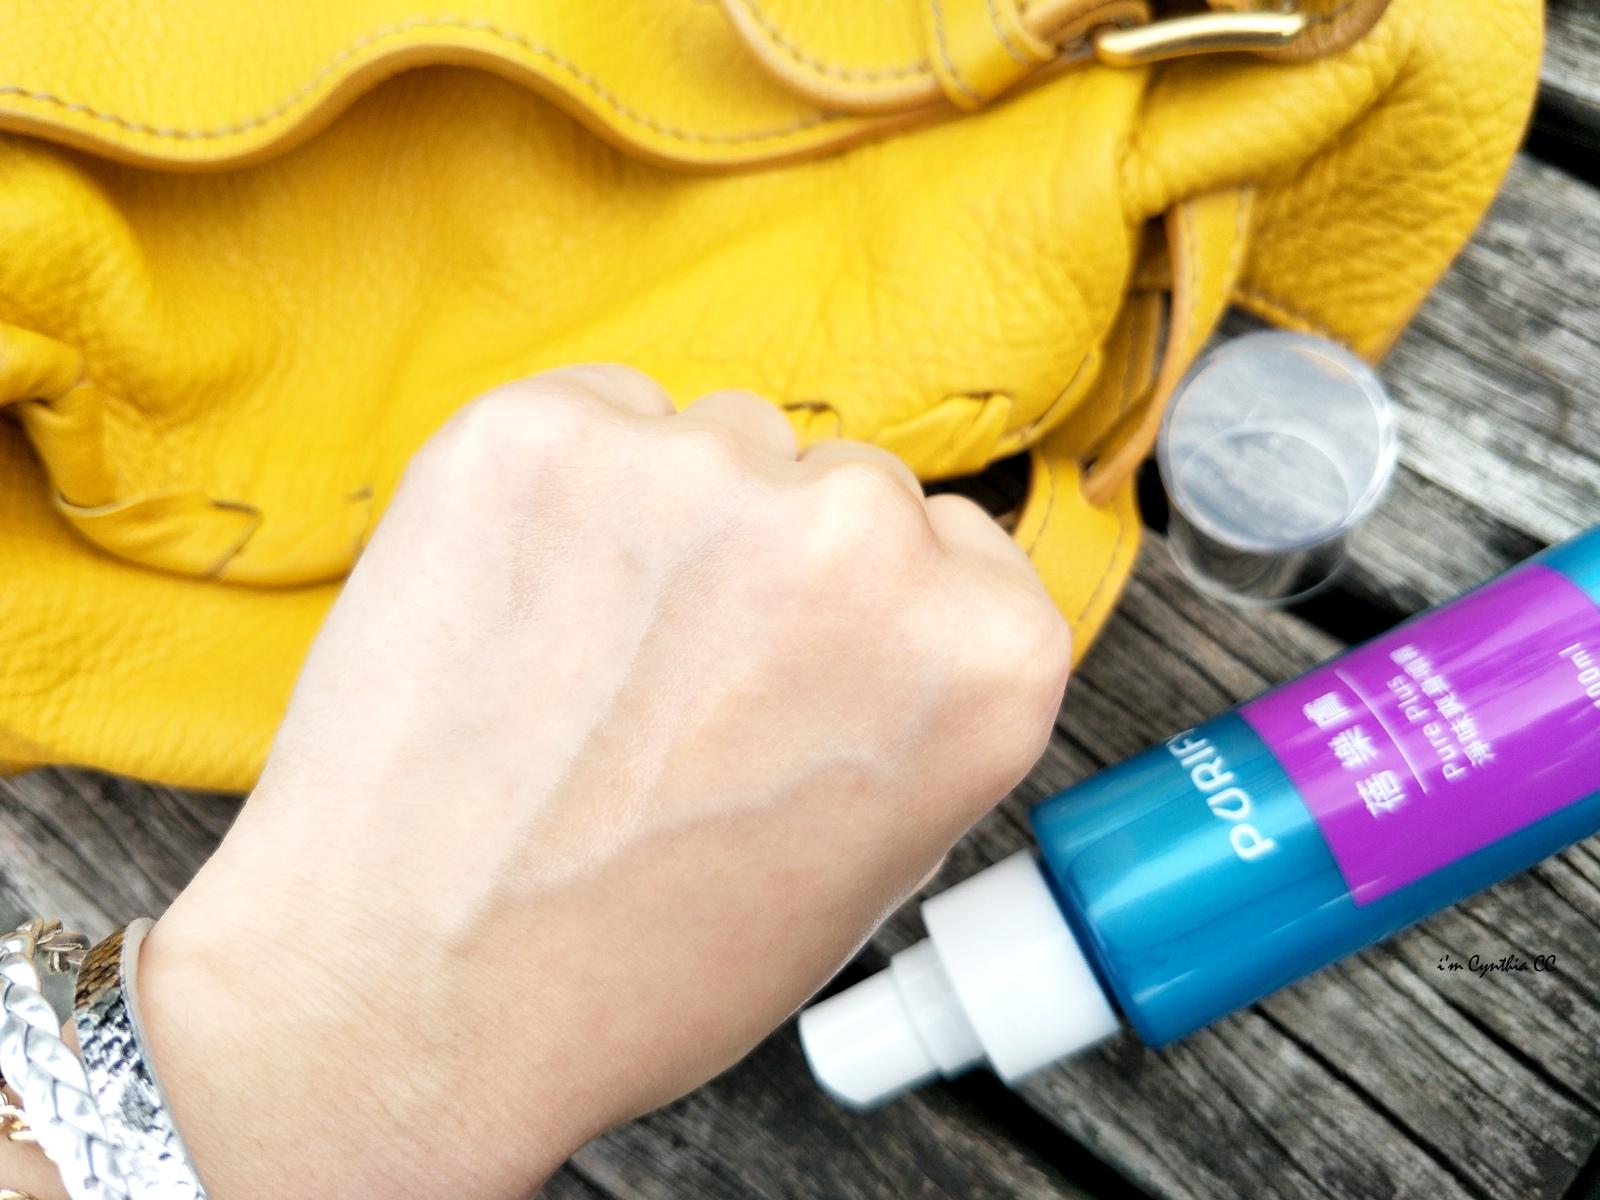 蓓樂膚PURIFY淨味爽膚劑和淨味爽身噴霧